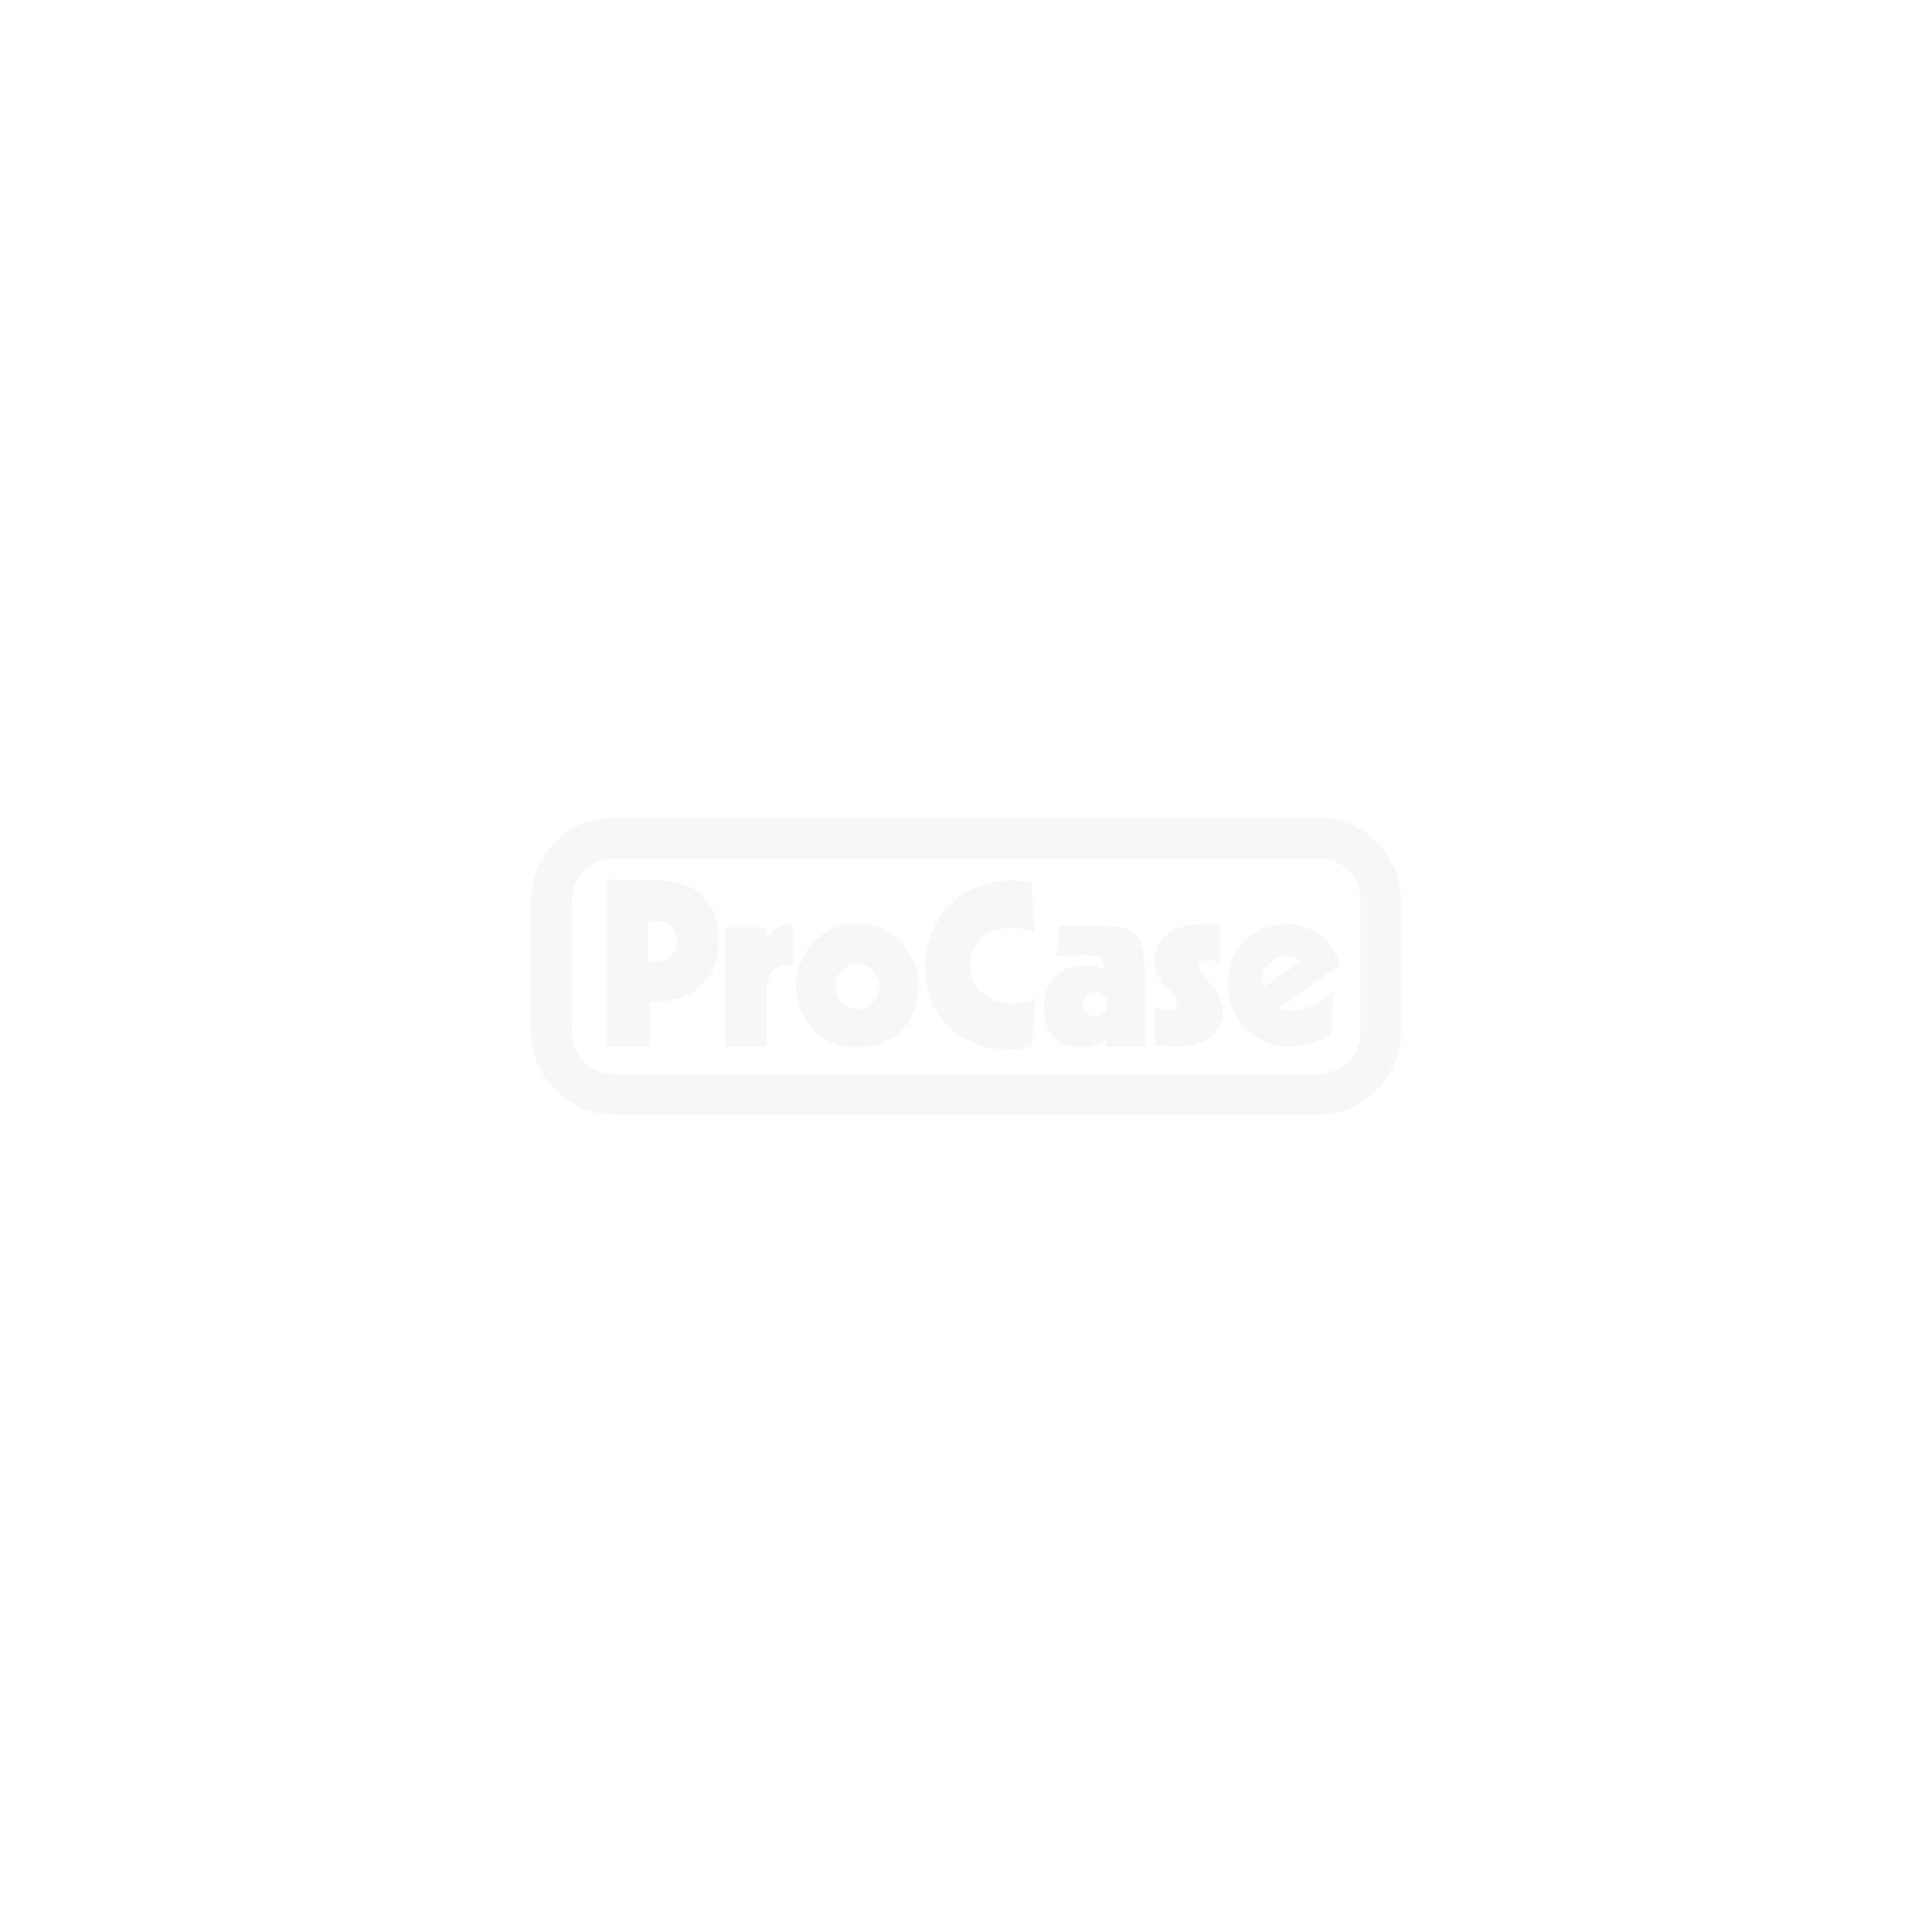 SKB 3i Koffer 2015-10 leer mit Trolley